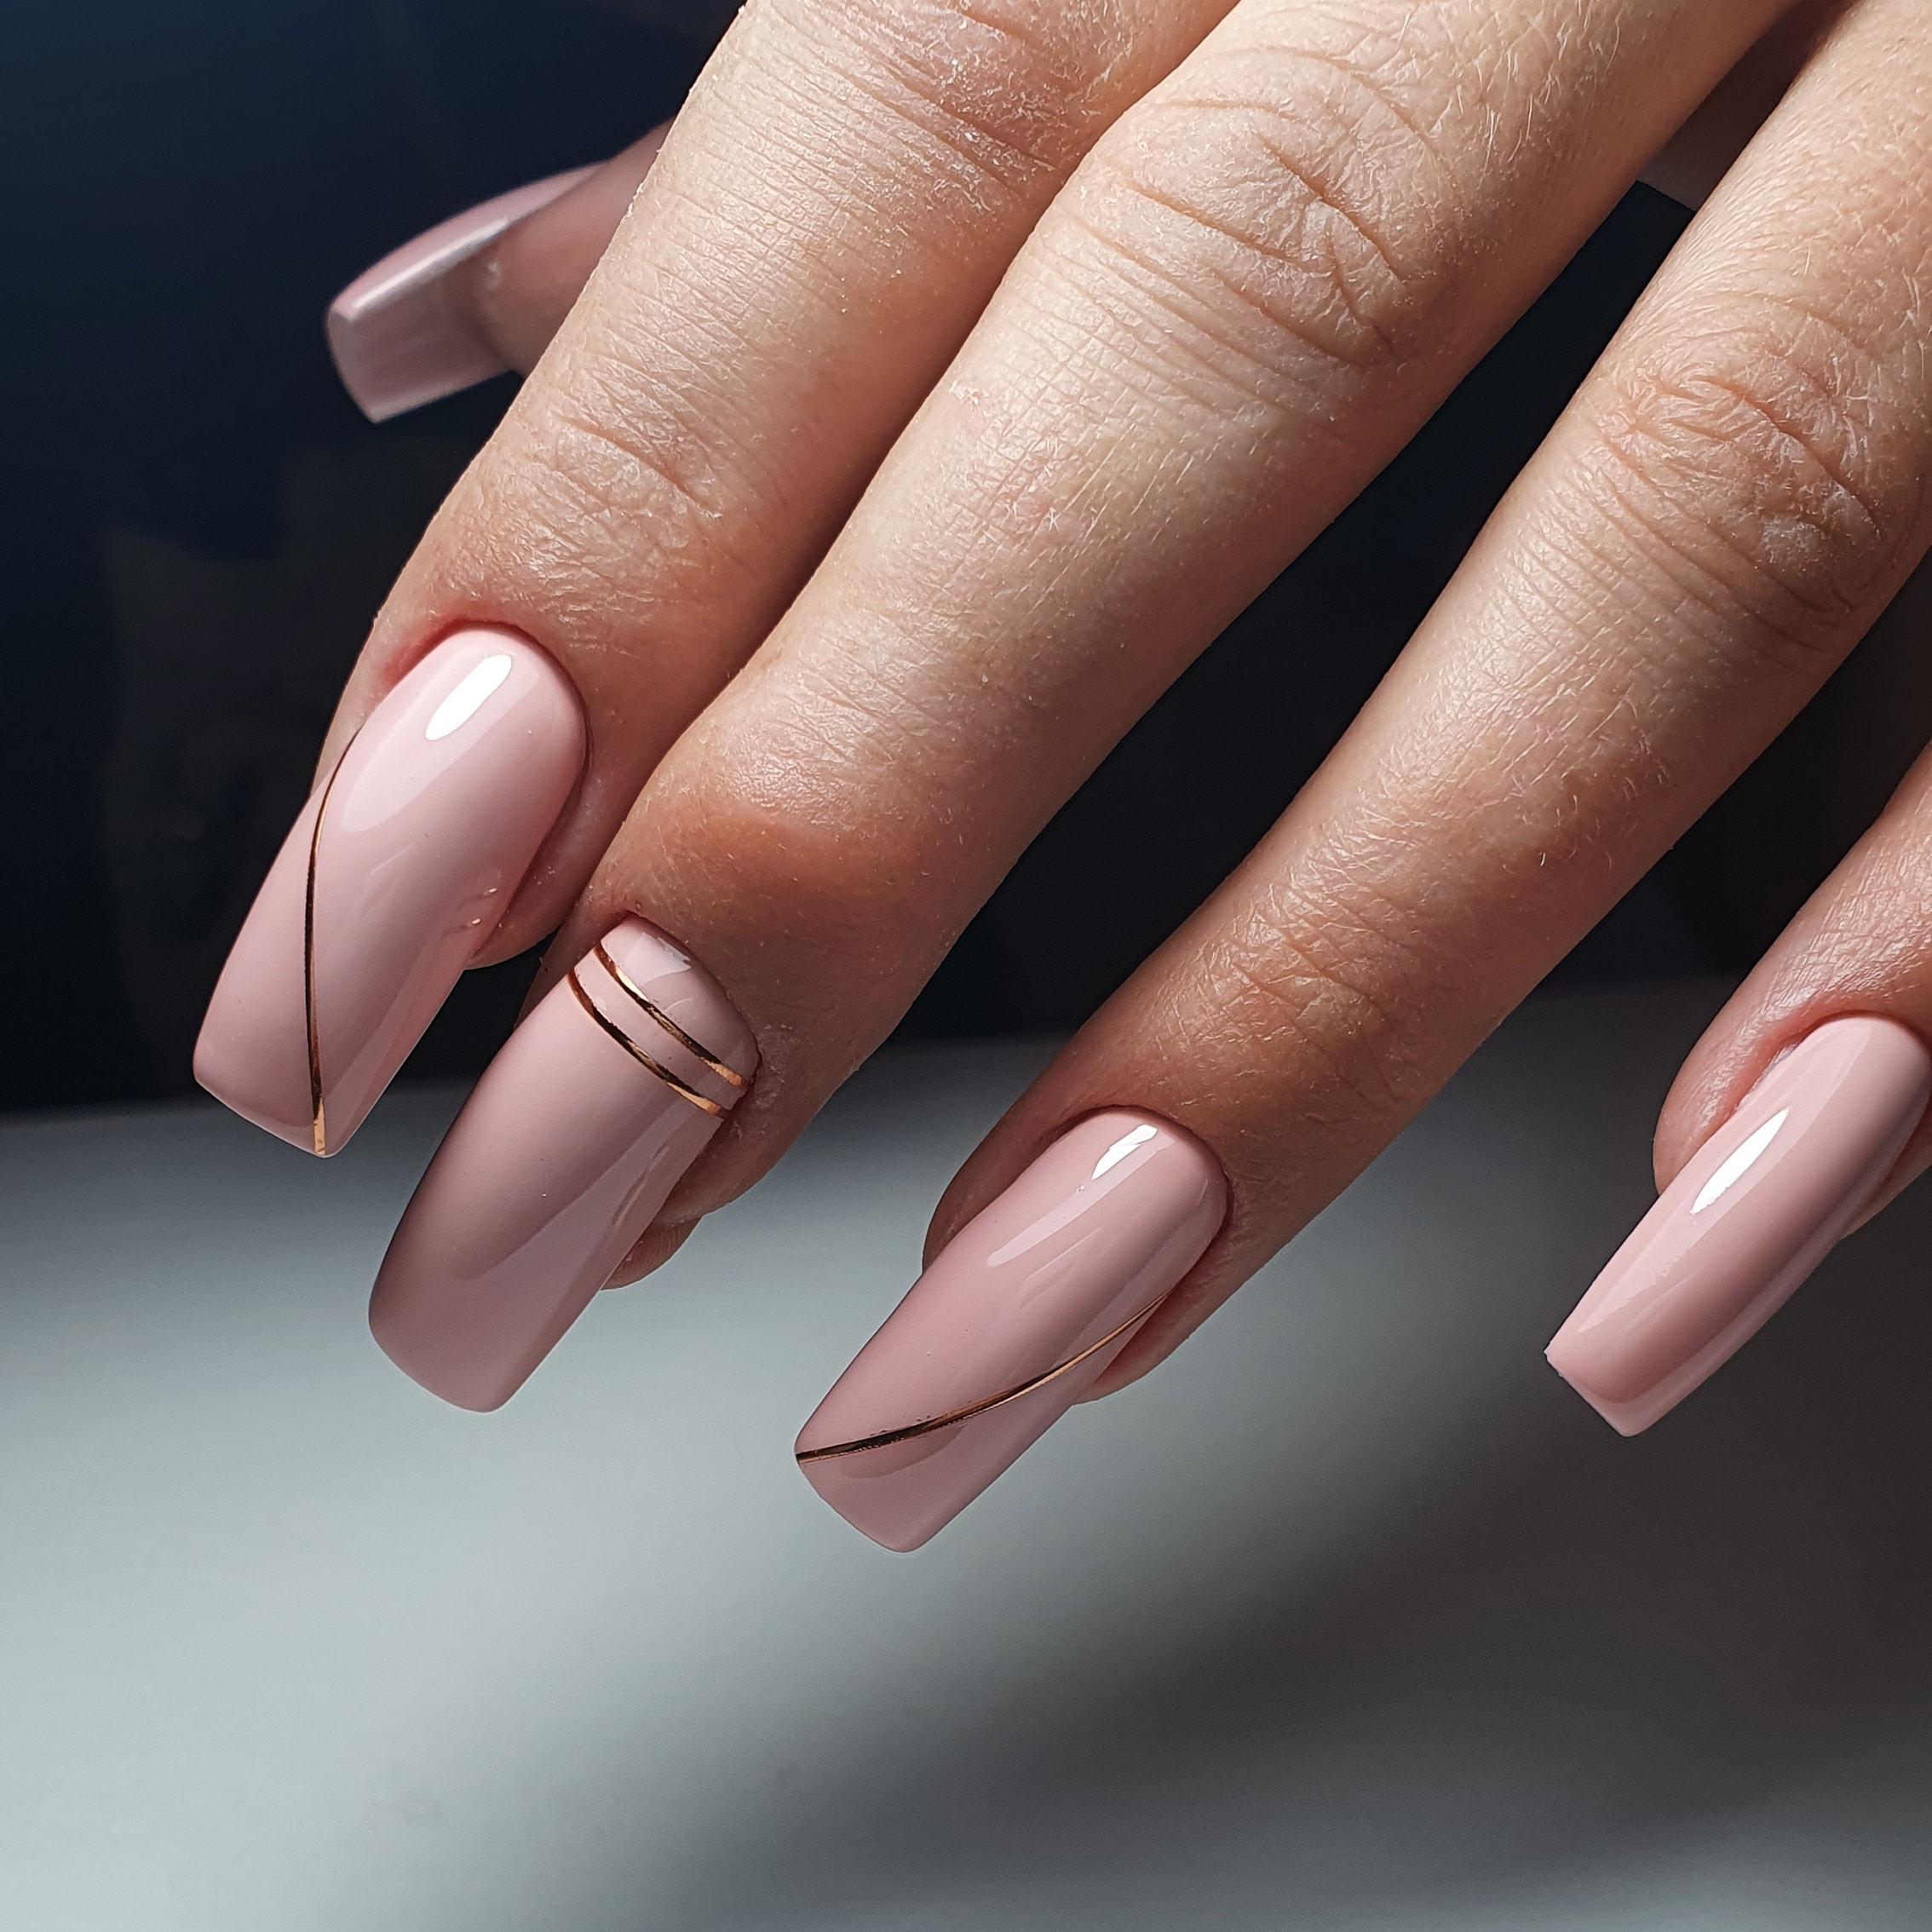 Маникюр с золотыми полосками в розовом цвете на длинные ногти.